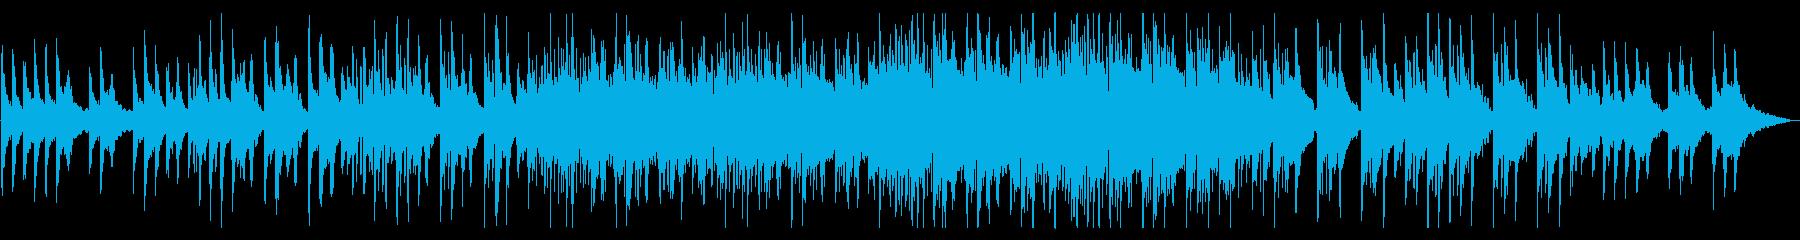 折り重なるピアノ幻想的な弦とシンセビートの再生済みの波形